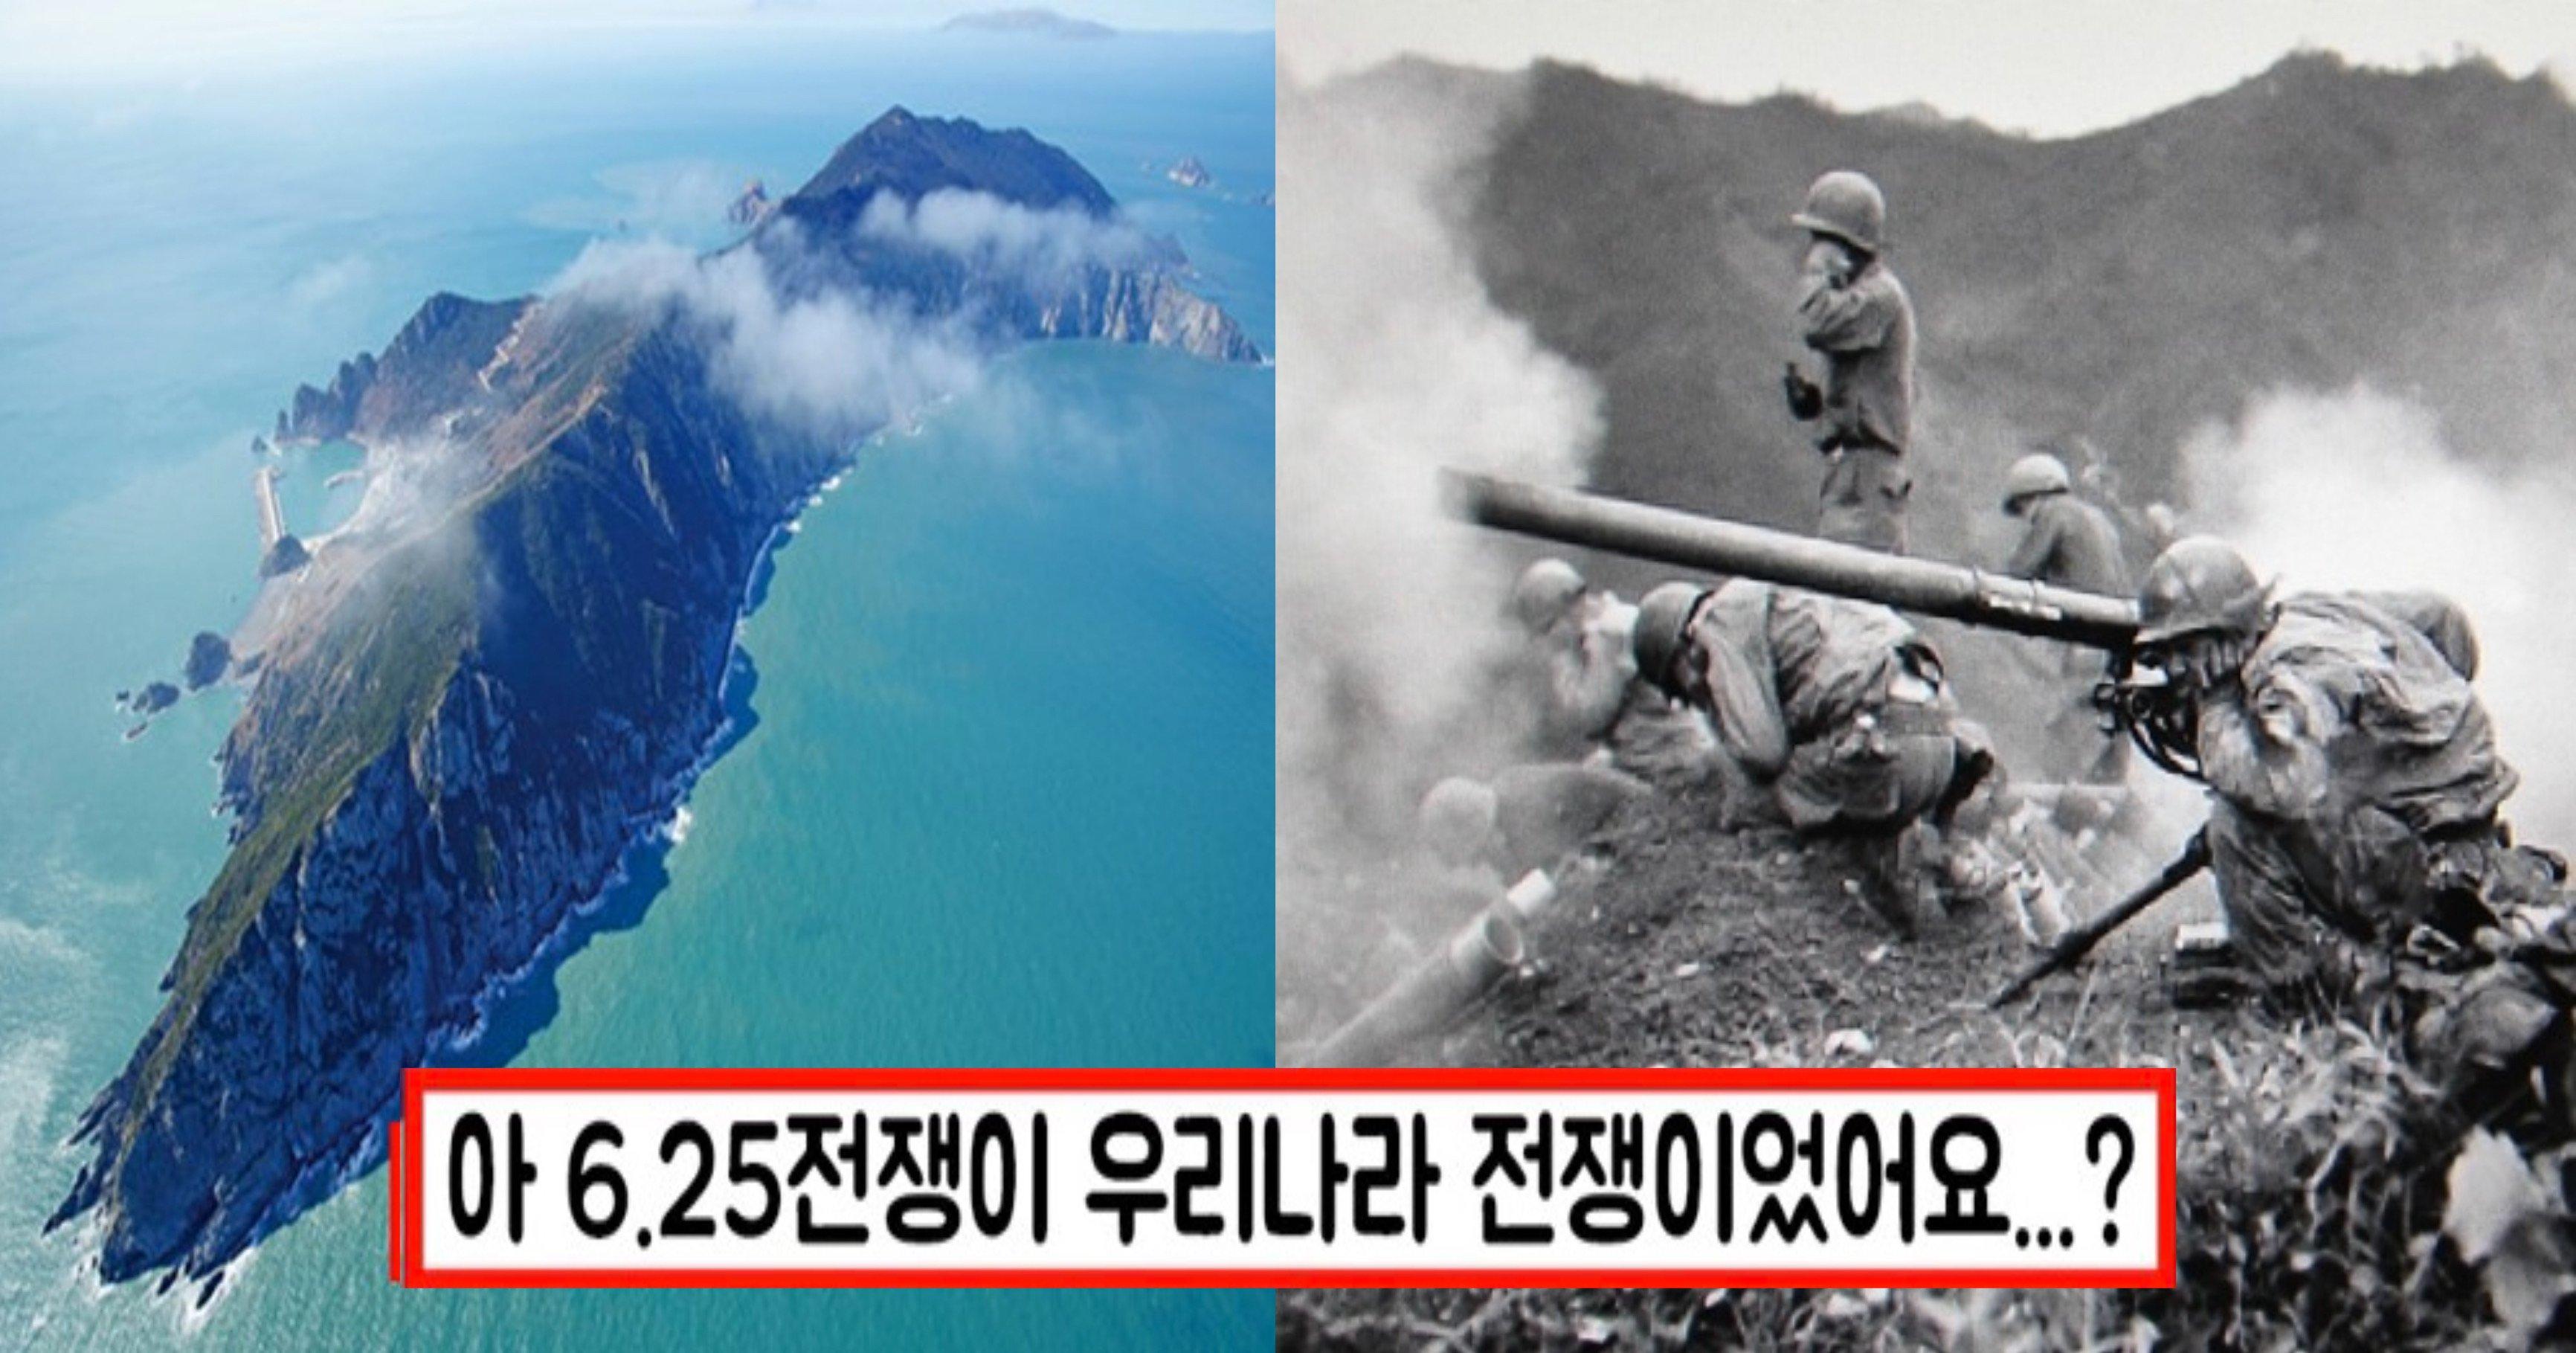 """379c4dd6 2fa0 4230 b0a4 77cef82a52e6.jpeg?resize=412,232 - """"밖에 전쟁이 났다고?""""..6.25때 북한군이 찾아가지도 못해 전쟁 난지도 몰랐다는 우리나라 섬.jpg"""